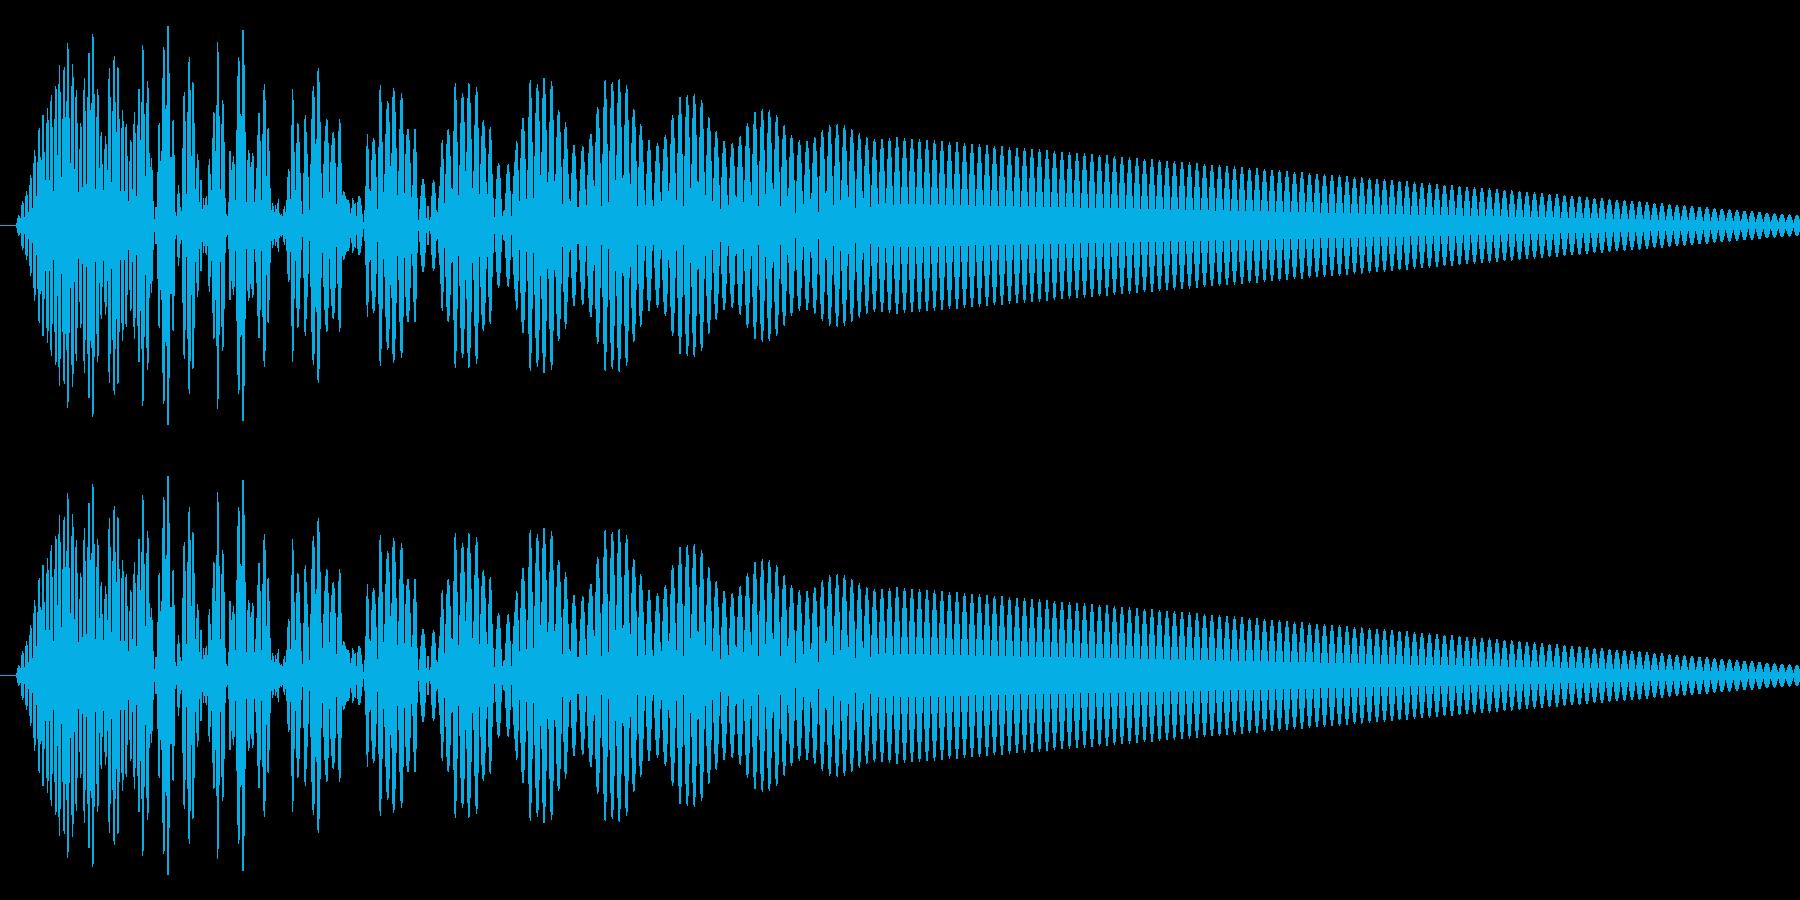 カーソル移動音2の再生済みの波形